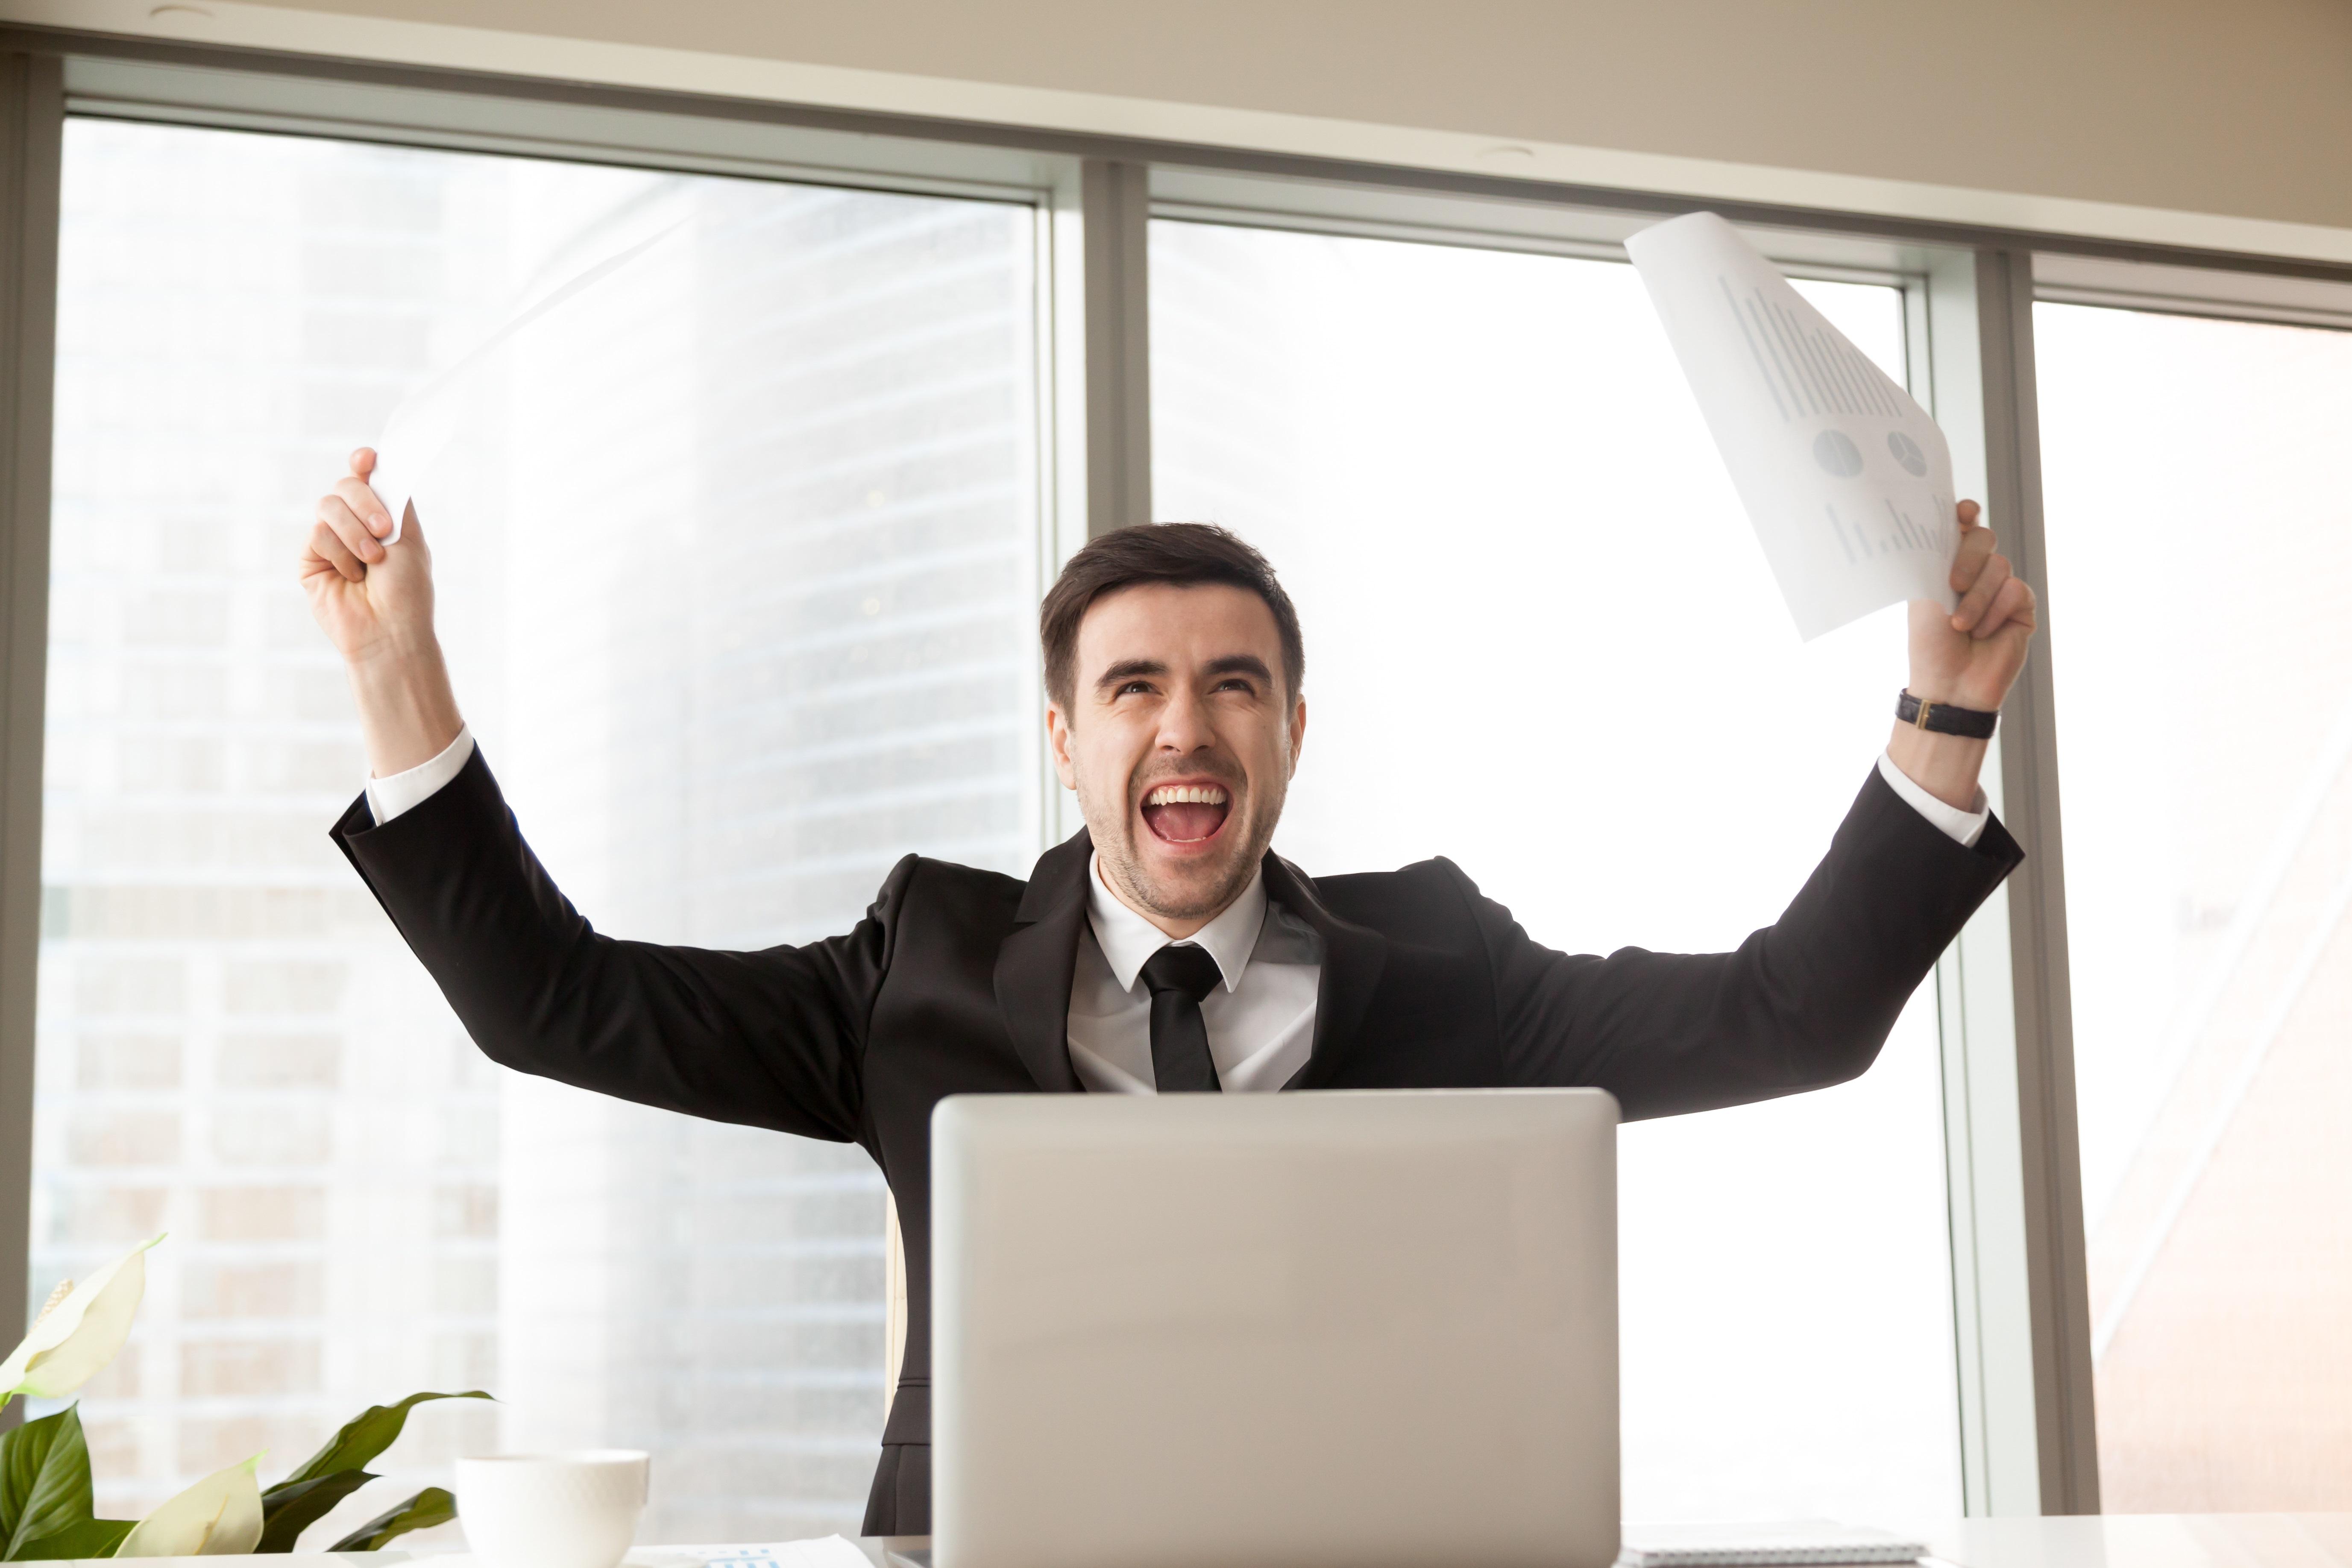 Ce fapte ale angajatorului îl aduc în atenția controalelor ? - afaceri fericite cu CM Alexis - Ce fapte ale angajatorului îl aduc în atenția controalelor ?